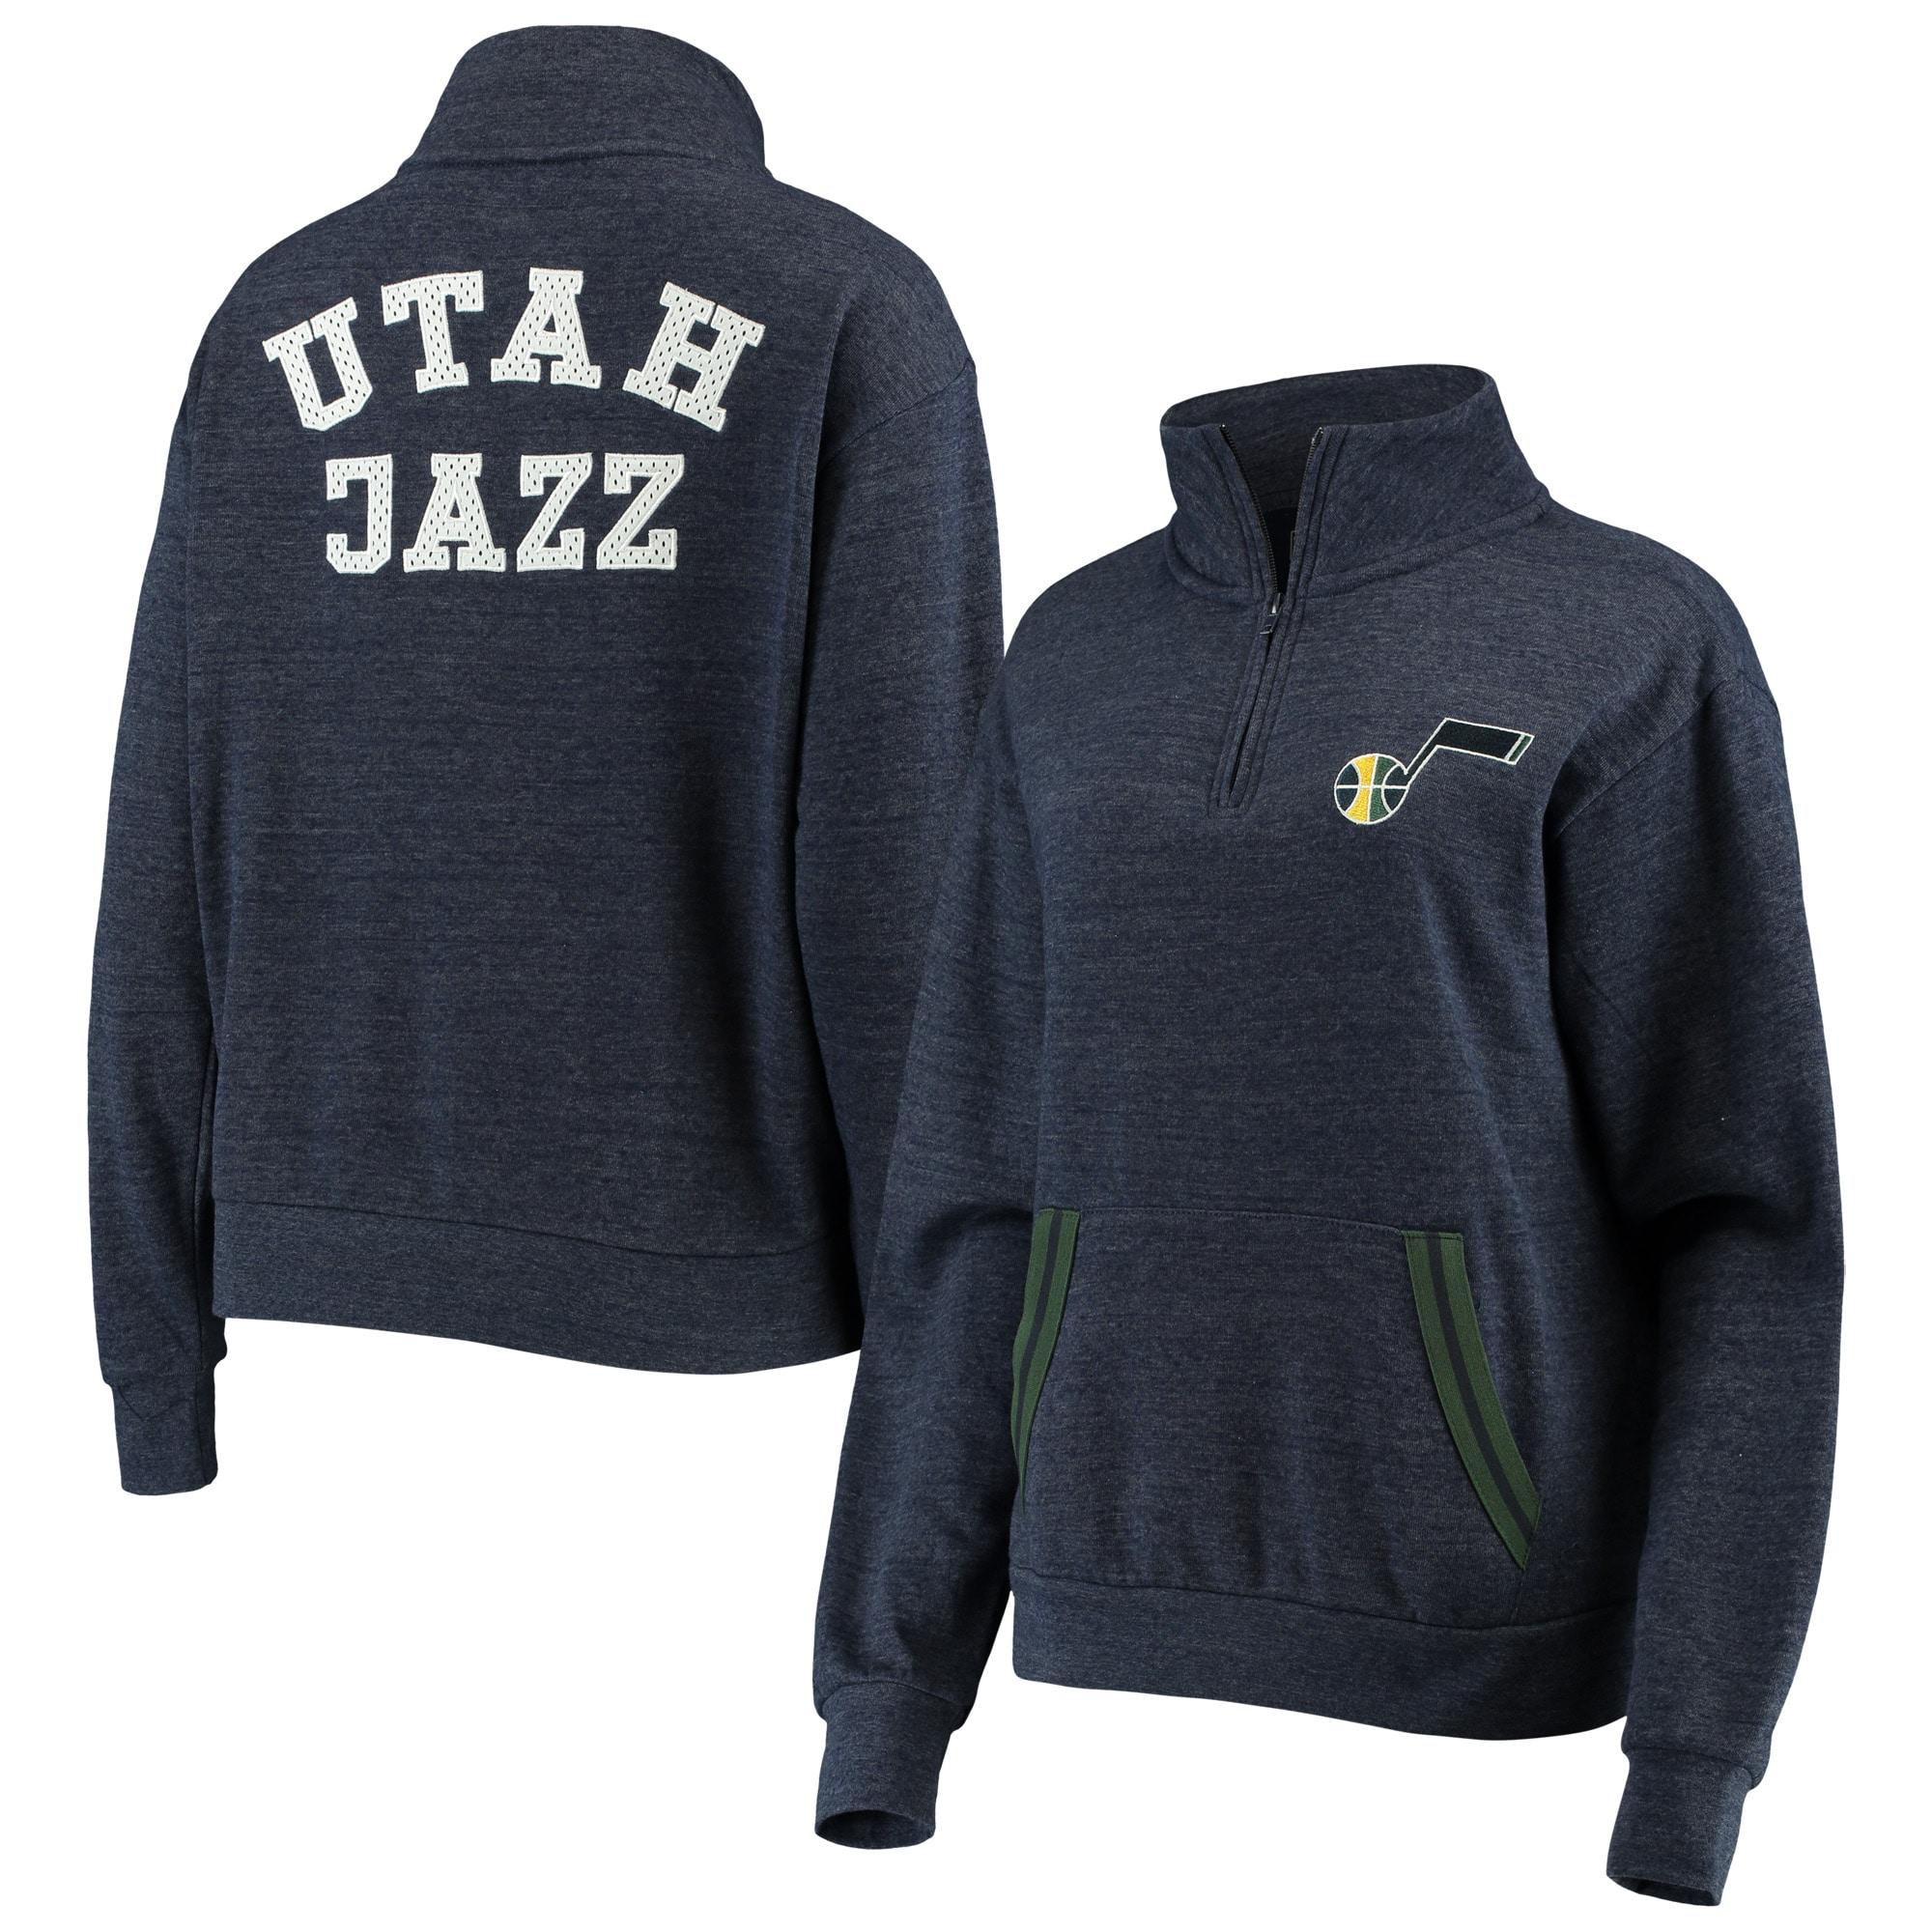 Utah Jazz New Era Women's Striped Trim Tri-Blend Half-Zip Pullover Jacket - Navy